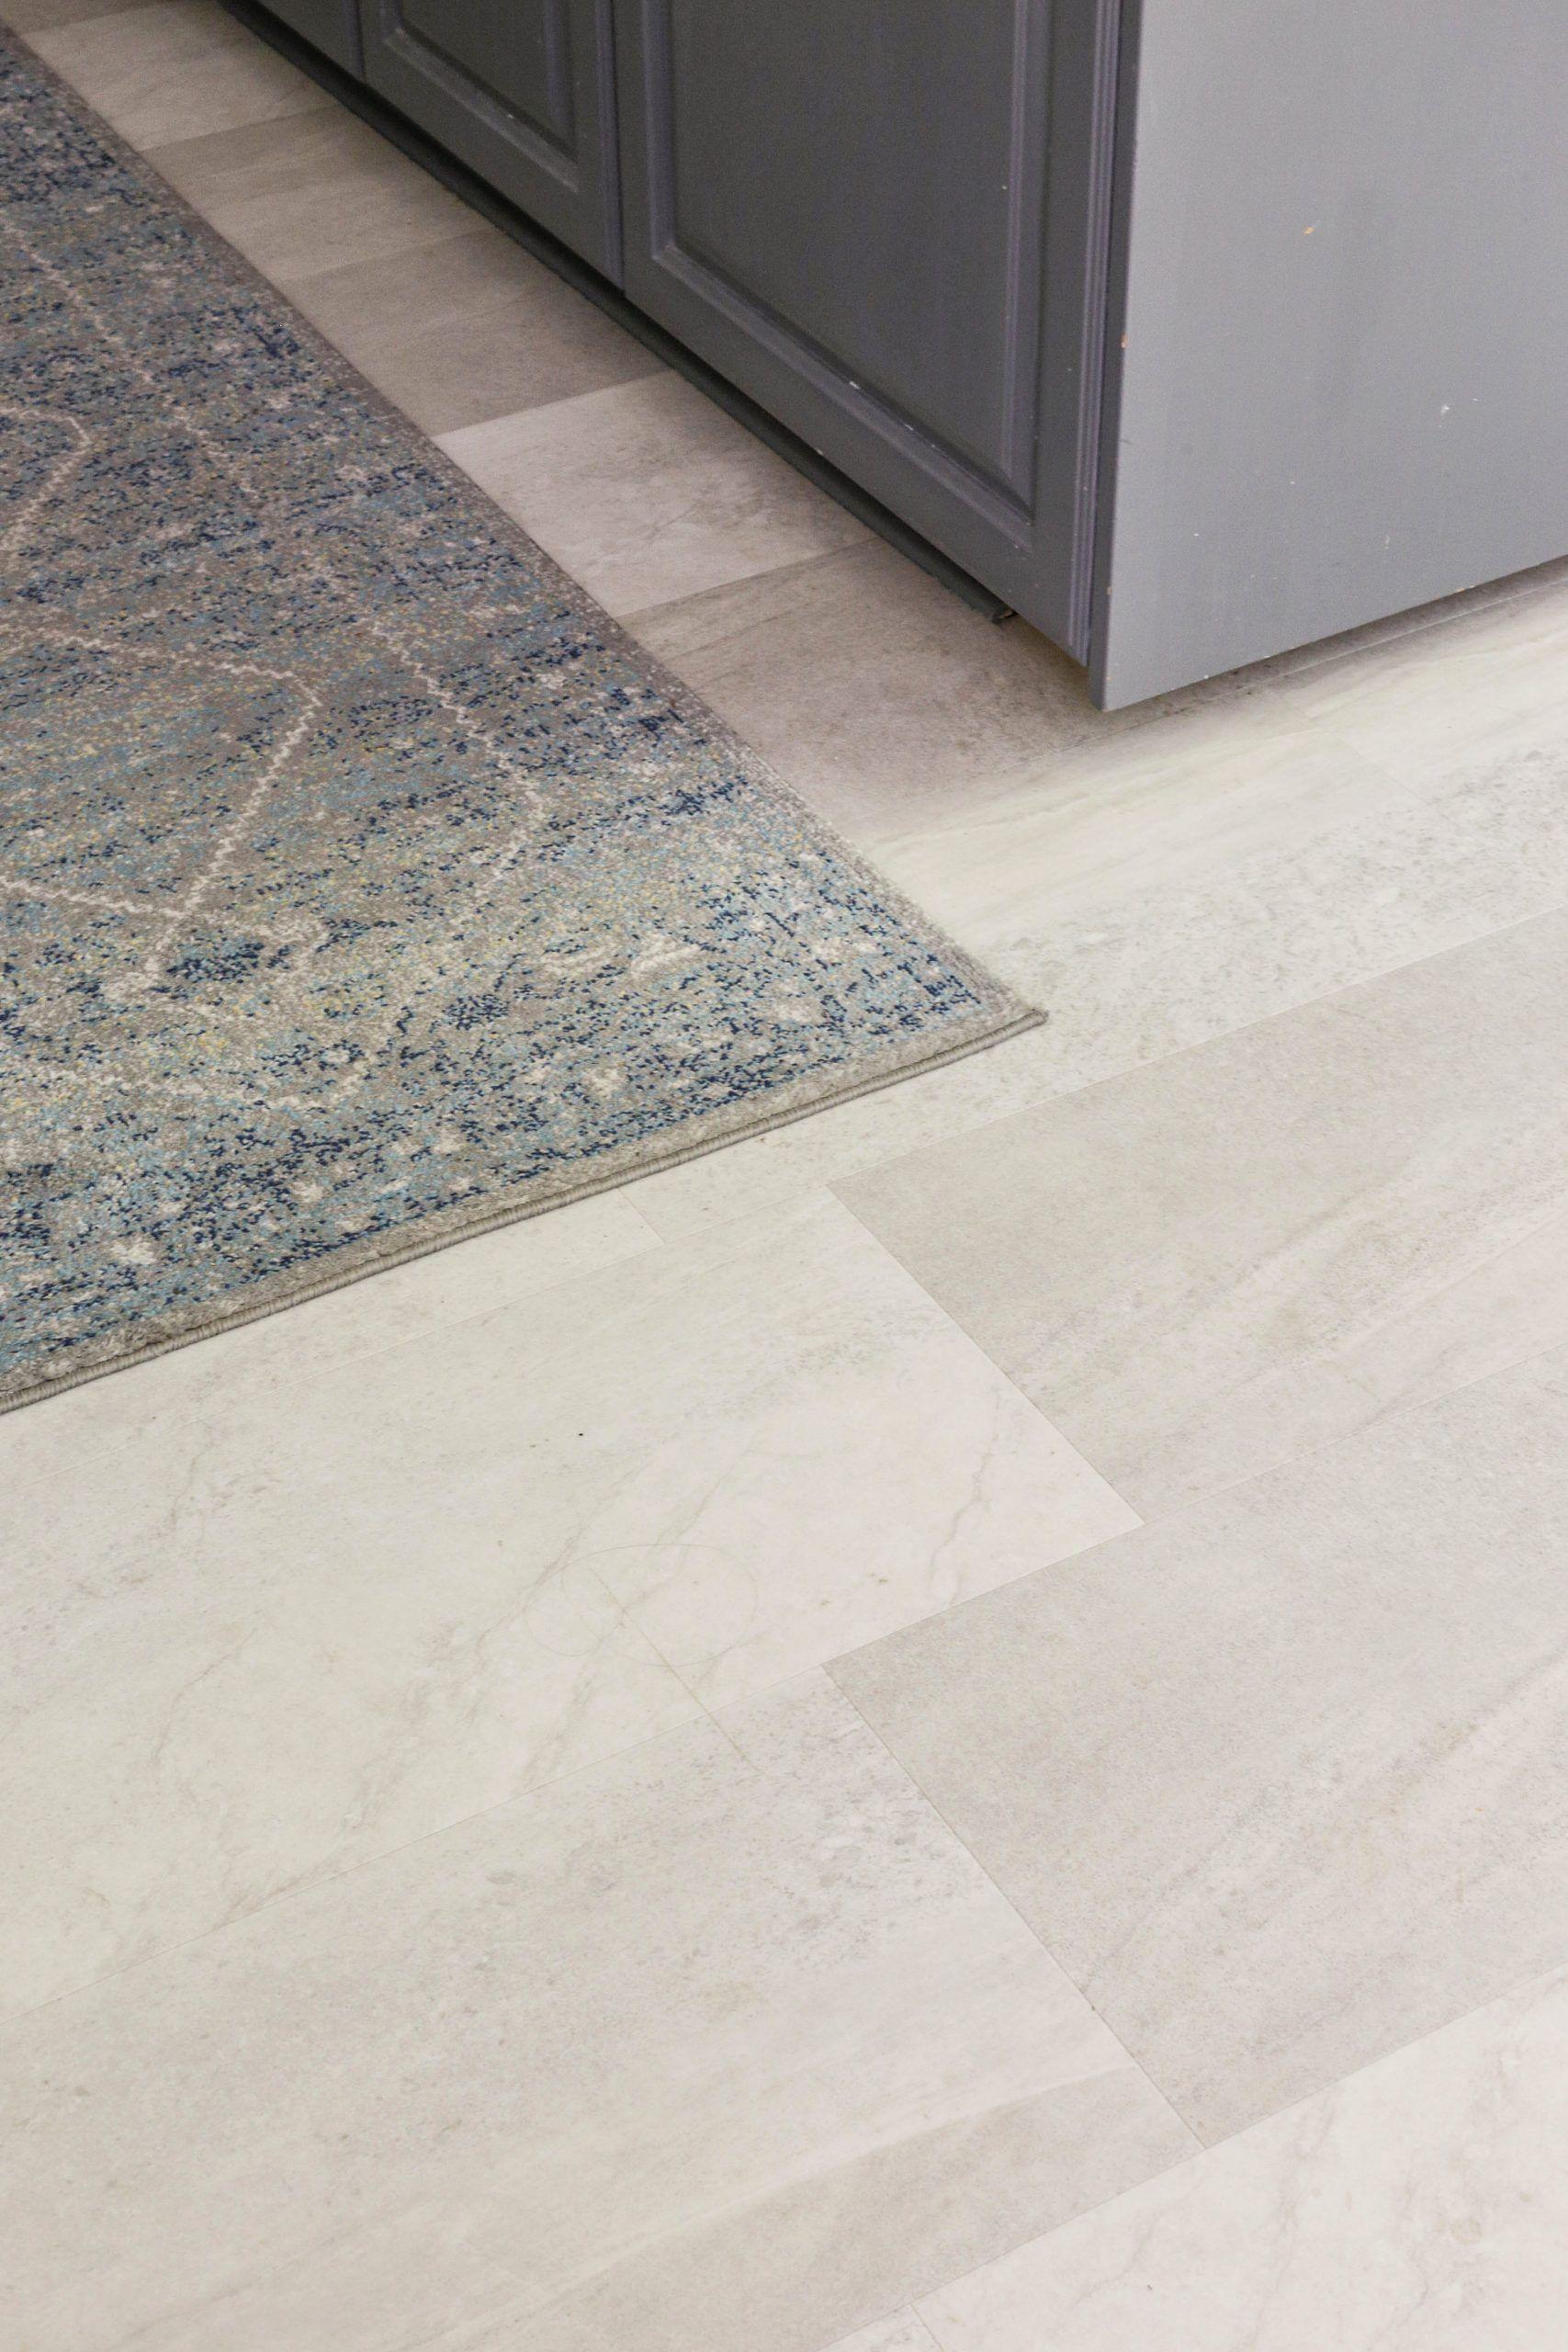 Best Vinyl Tiles For Bathroom Elegant Luxury Vinyl Tile Over Existing Flooring E Year Review In 2020 Luxury Vinyl Tile Luxury Vinyl Tile Flooring Luxury Vinyl